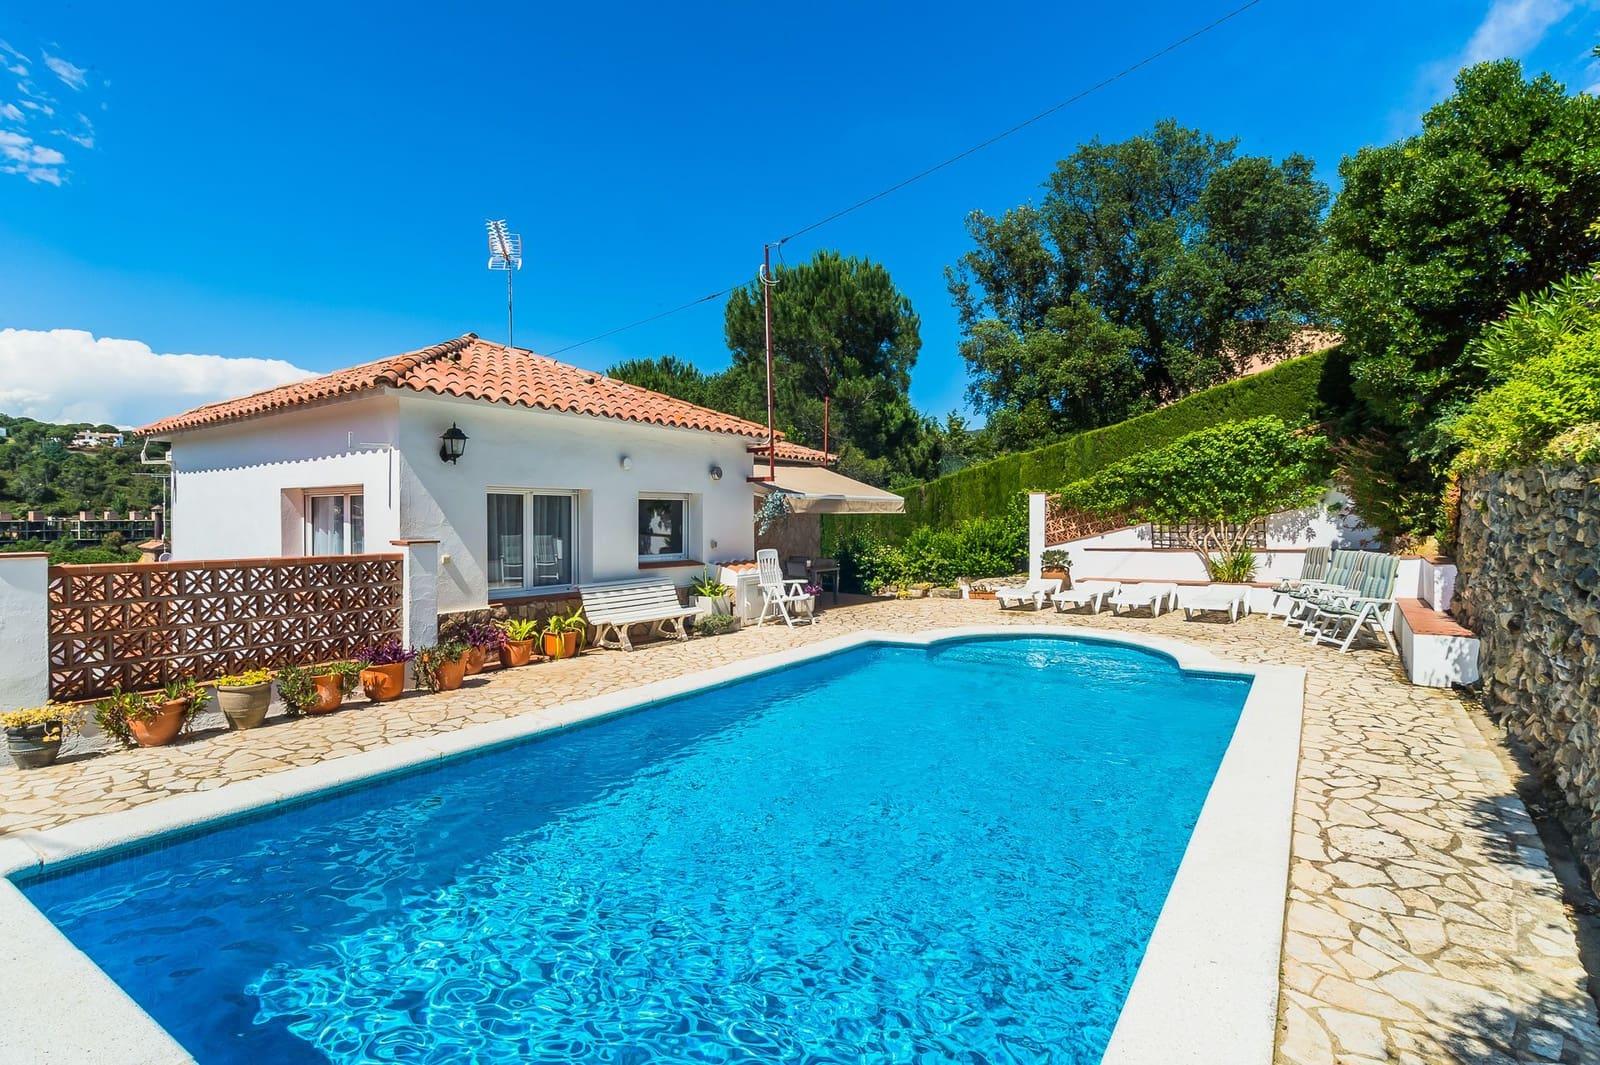 3 chambre Villa/Maison à vendre à Calonge avec piscine - 249 000 € (Ref: 5154281)